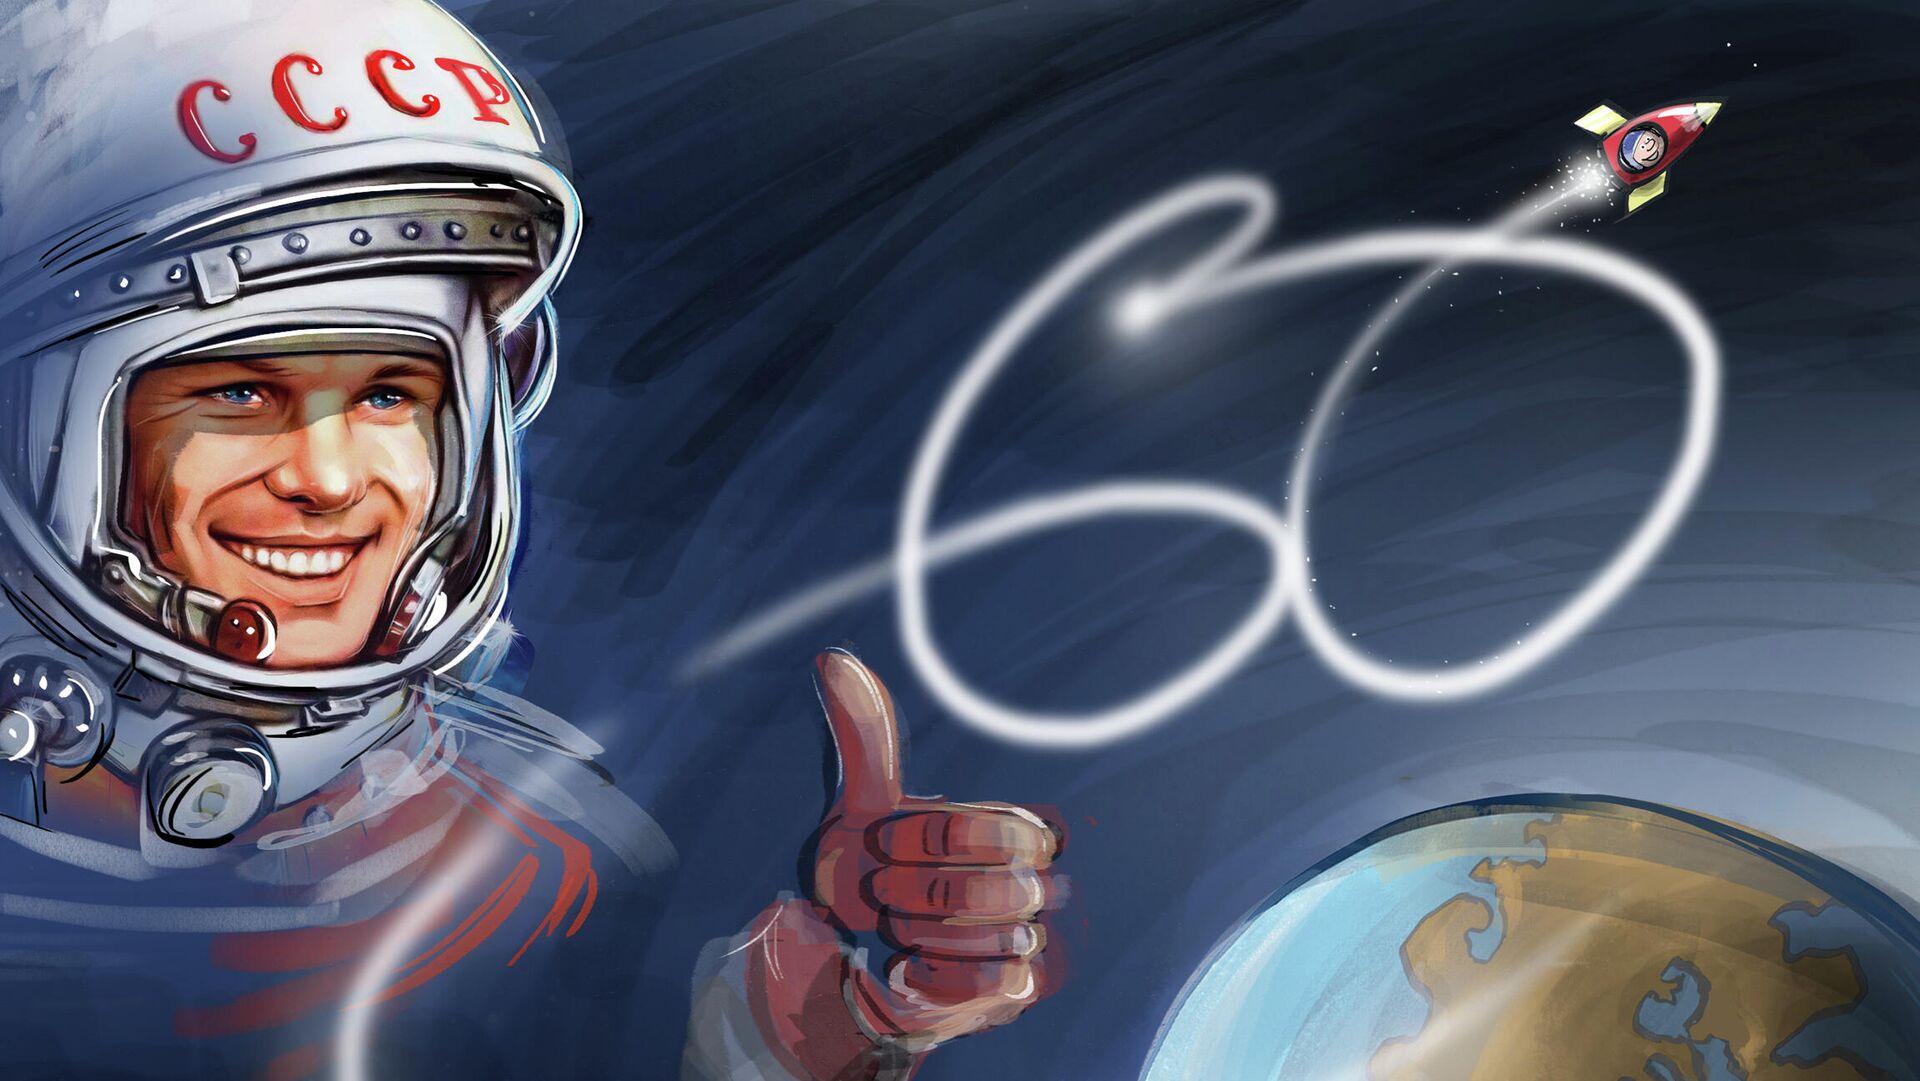 ¡Vamos!: el primer vuelo del hombre al espacio cumple 60 años - Sputnik Mundo, 1920, 12.04.2021